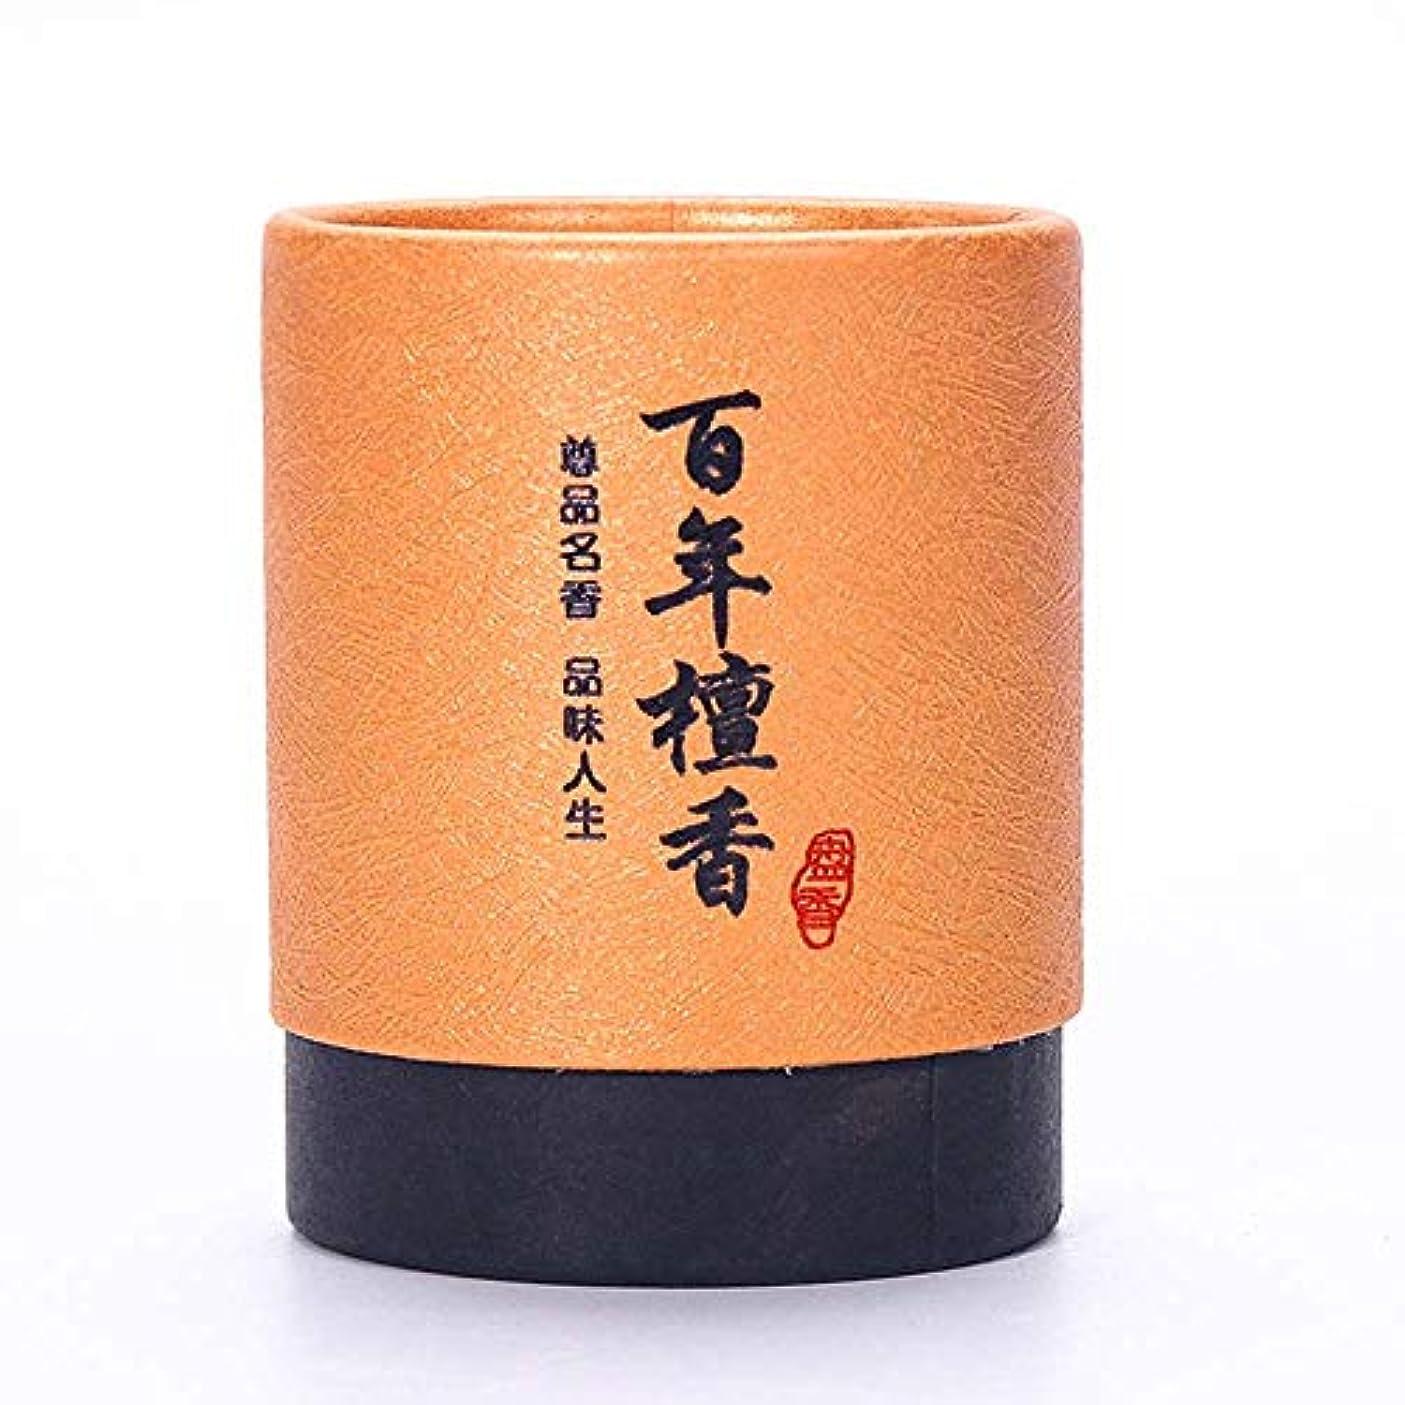 療法リファインやりがいのあるHwaGui お香 2時間 盤香 渦巻き線香 優しい香り 48巻入 (百年檀香)